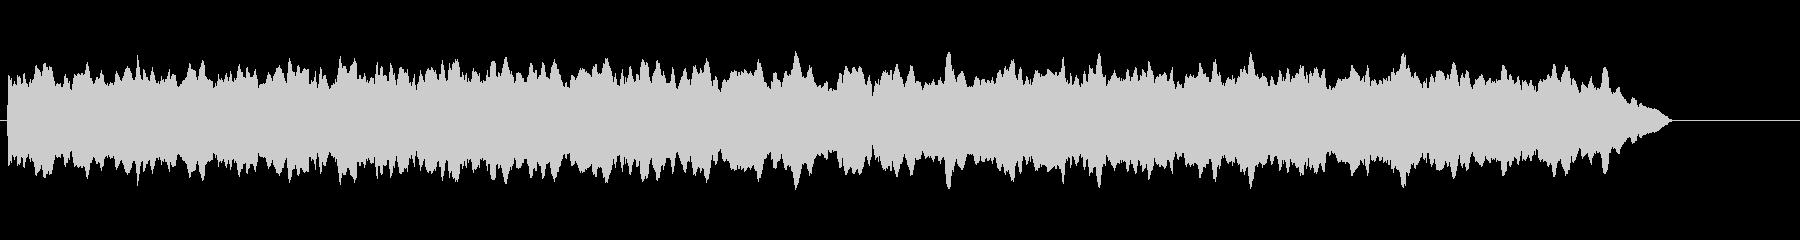 フィルタースイープ、音楽スペースド...の未再生の波形